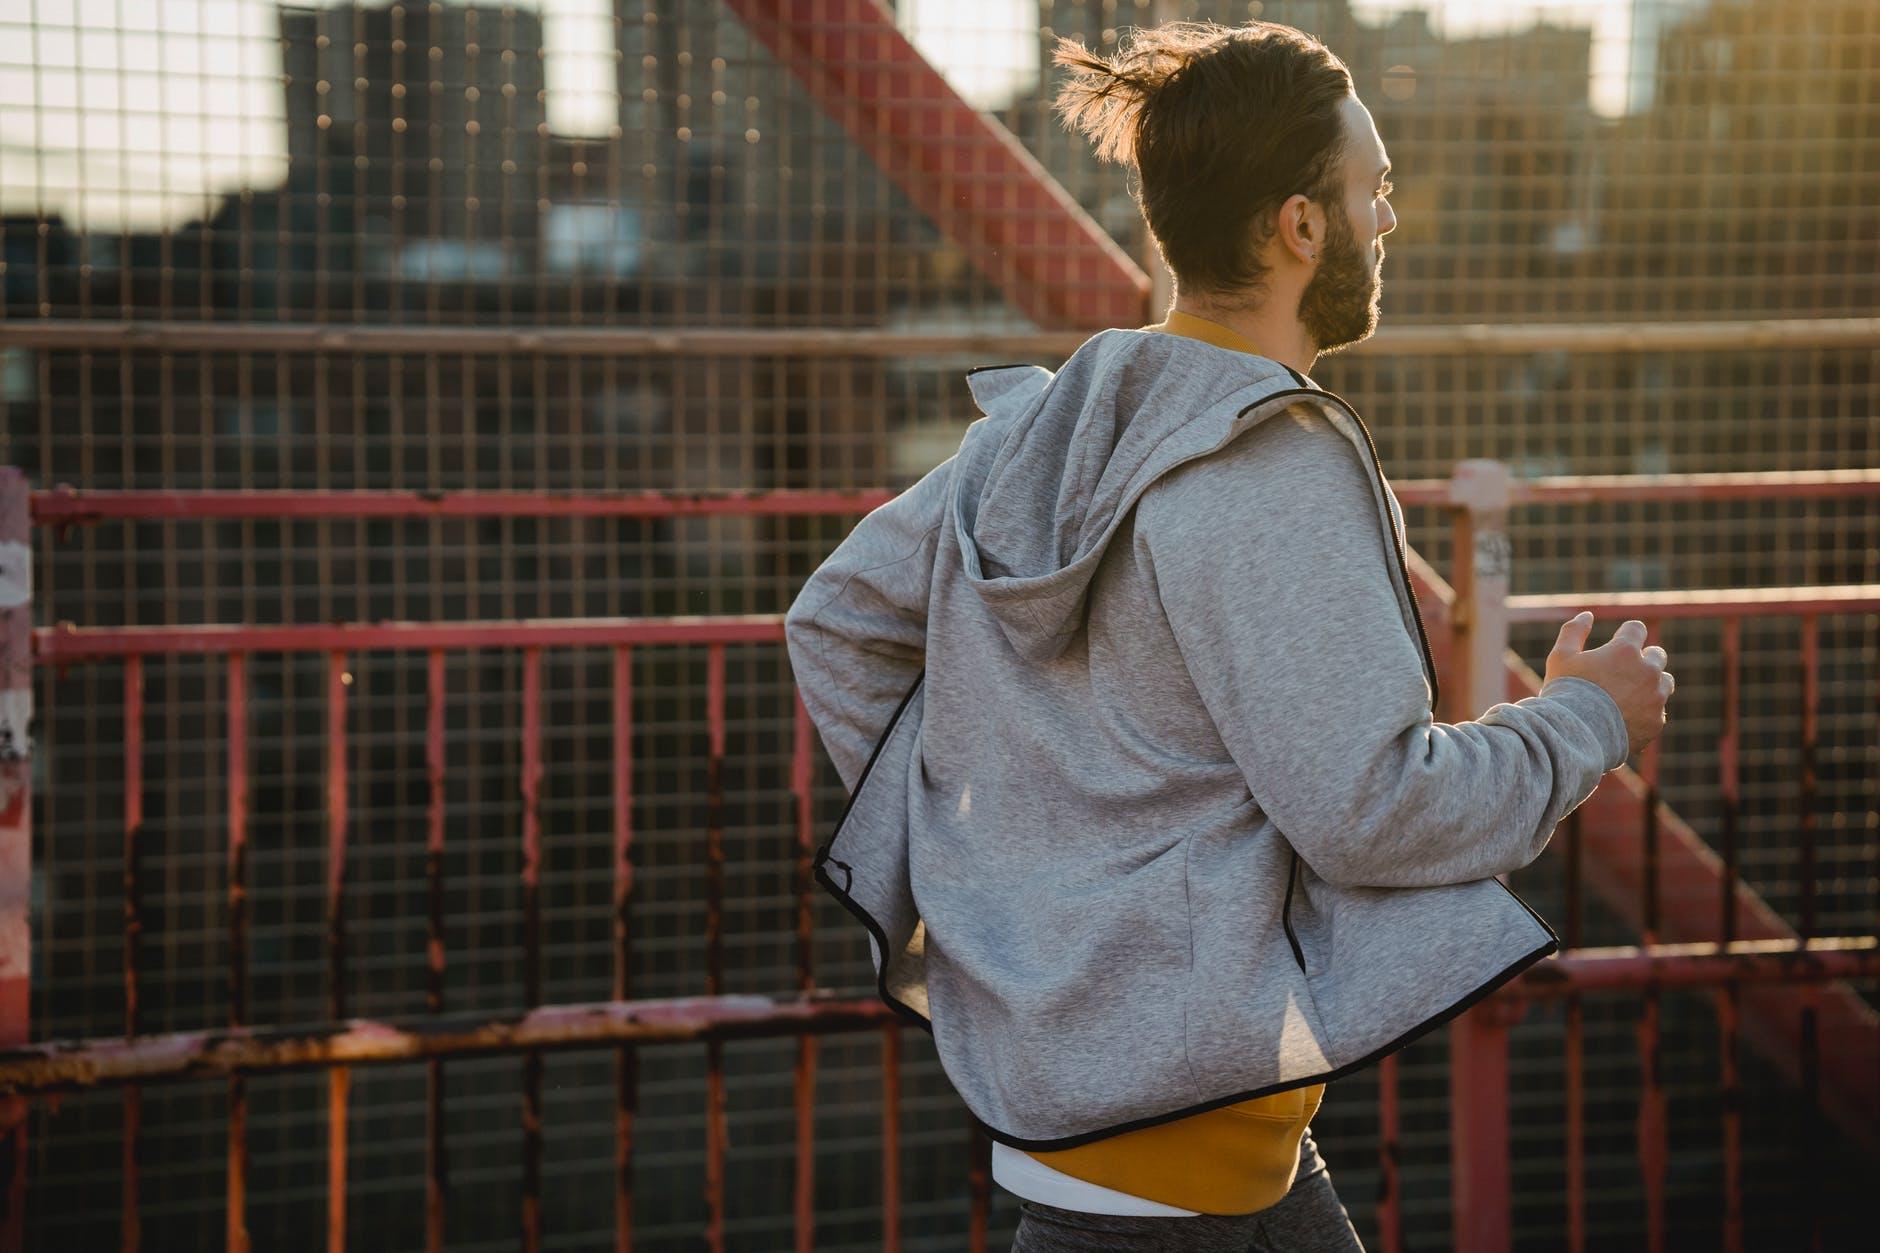 hipster runner jogging on urban bridge during workout